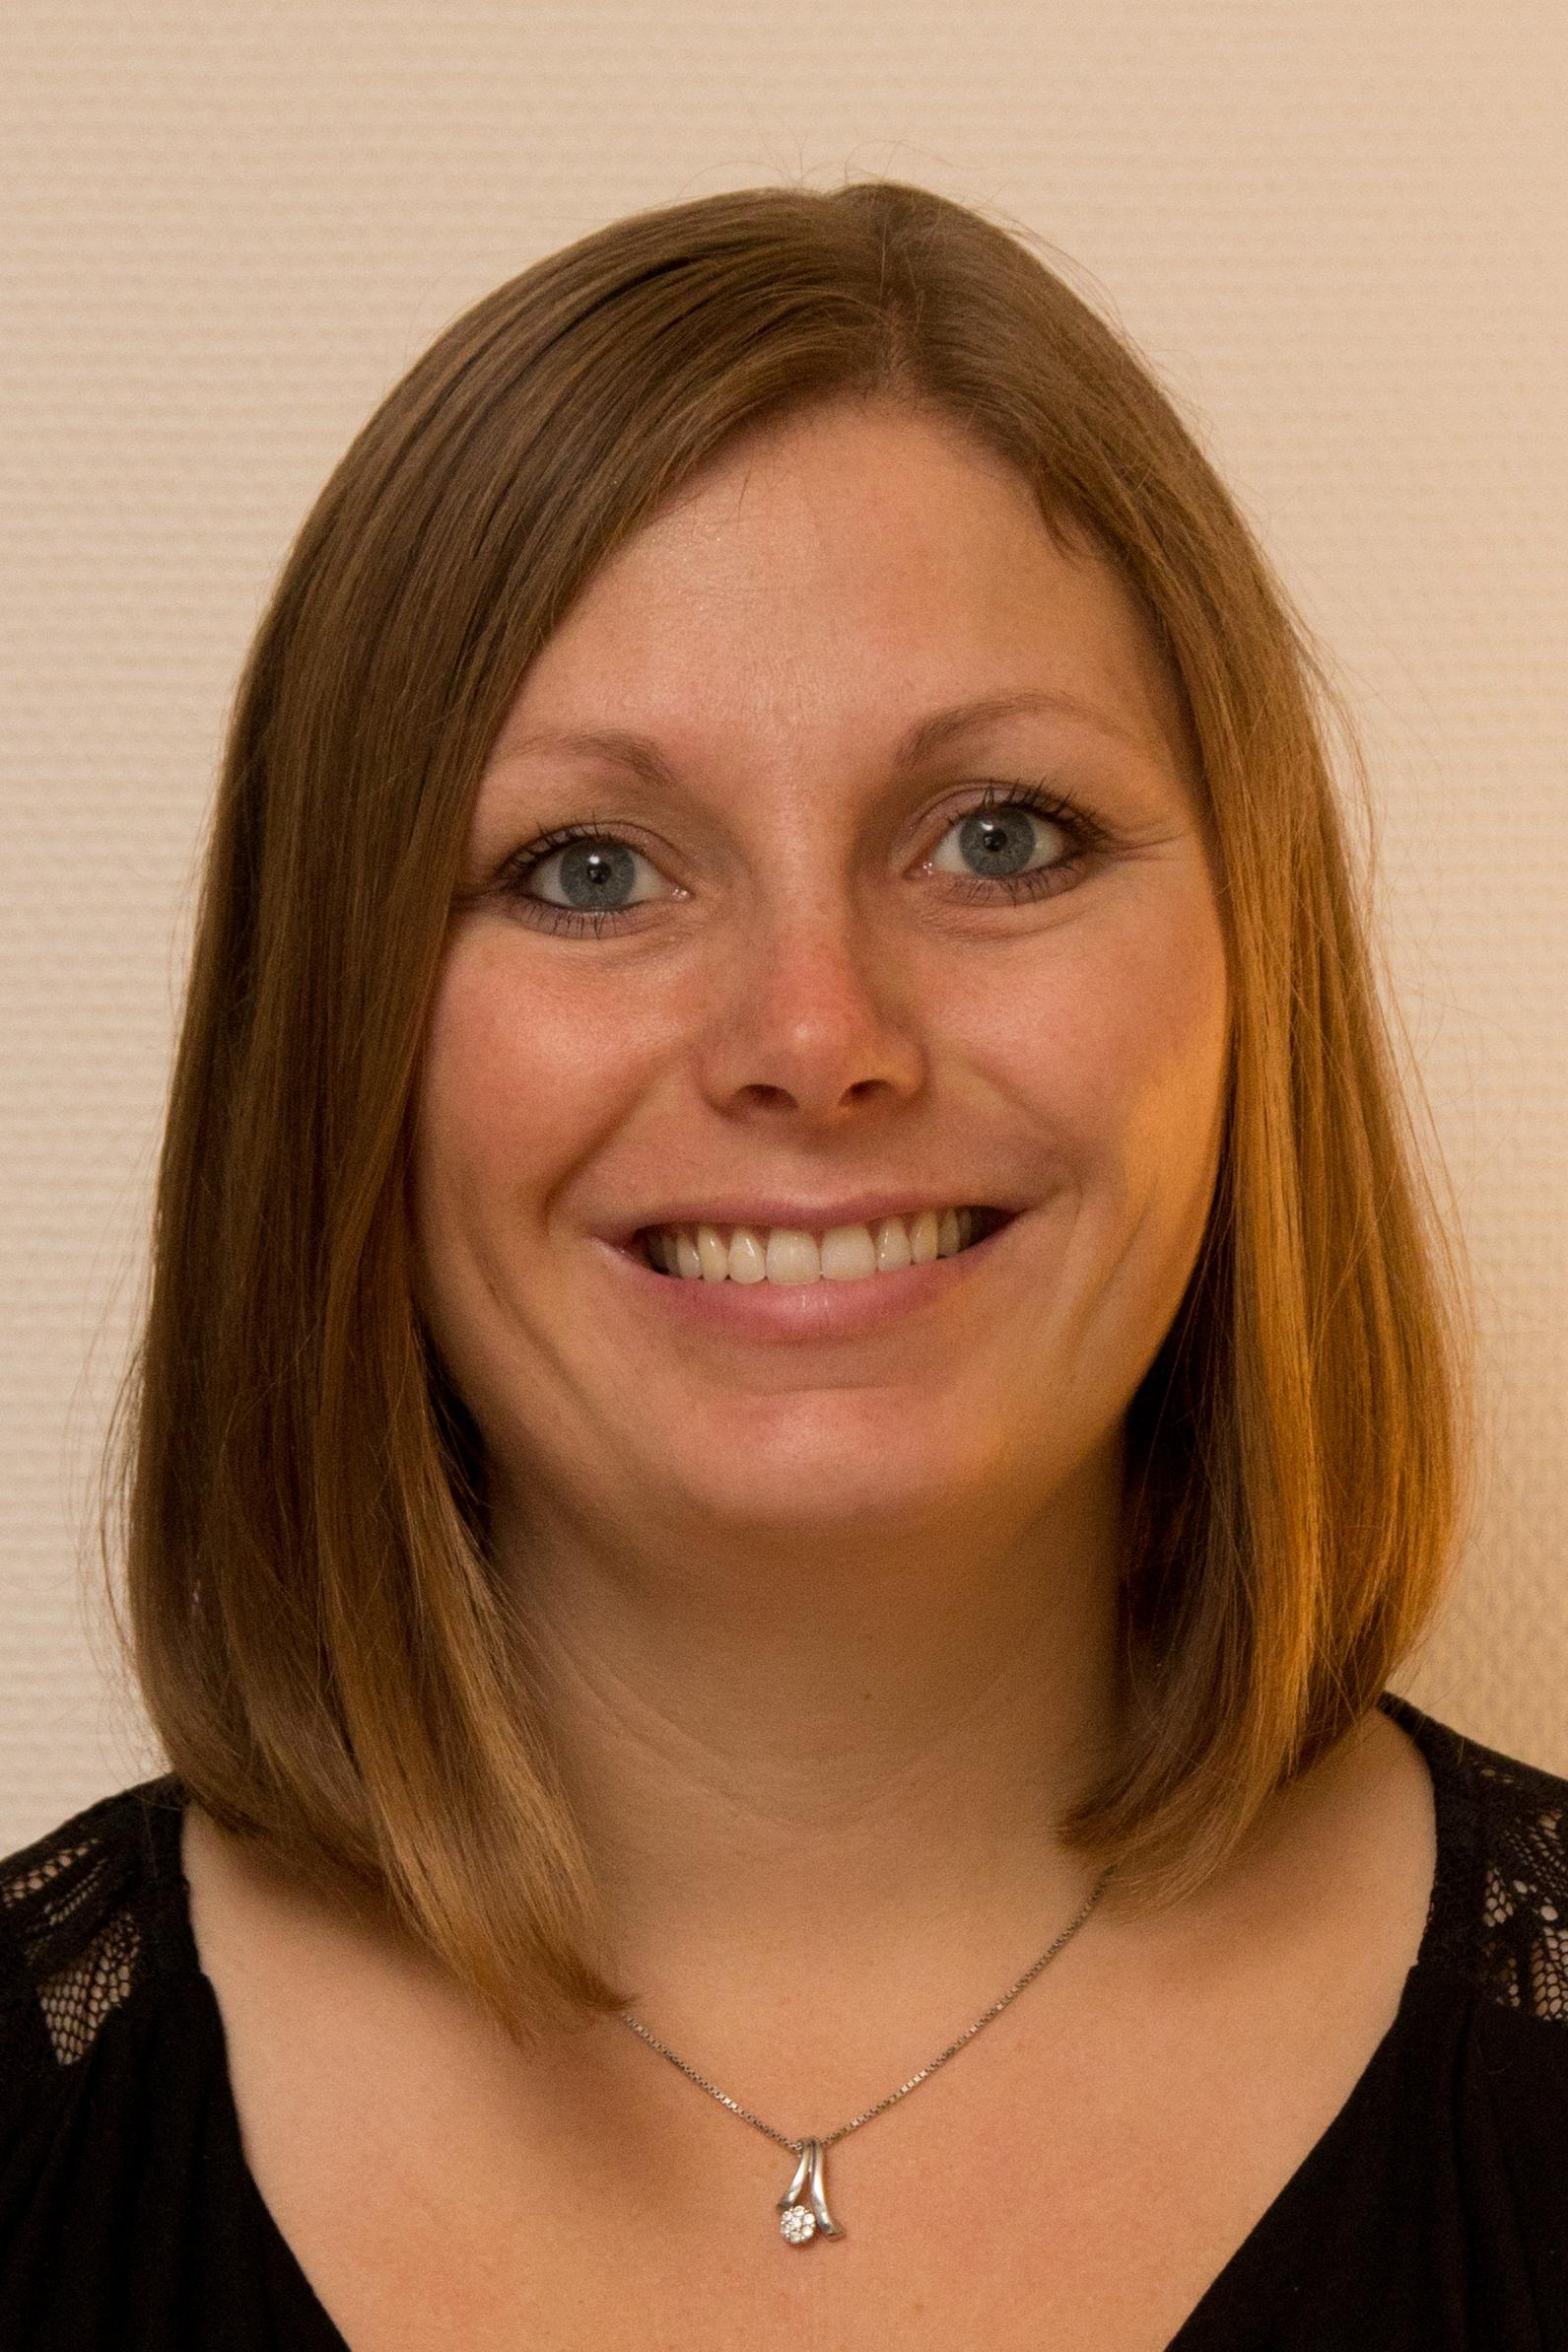 Charlotte Klostergaard Løwert